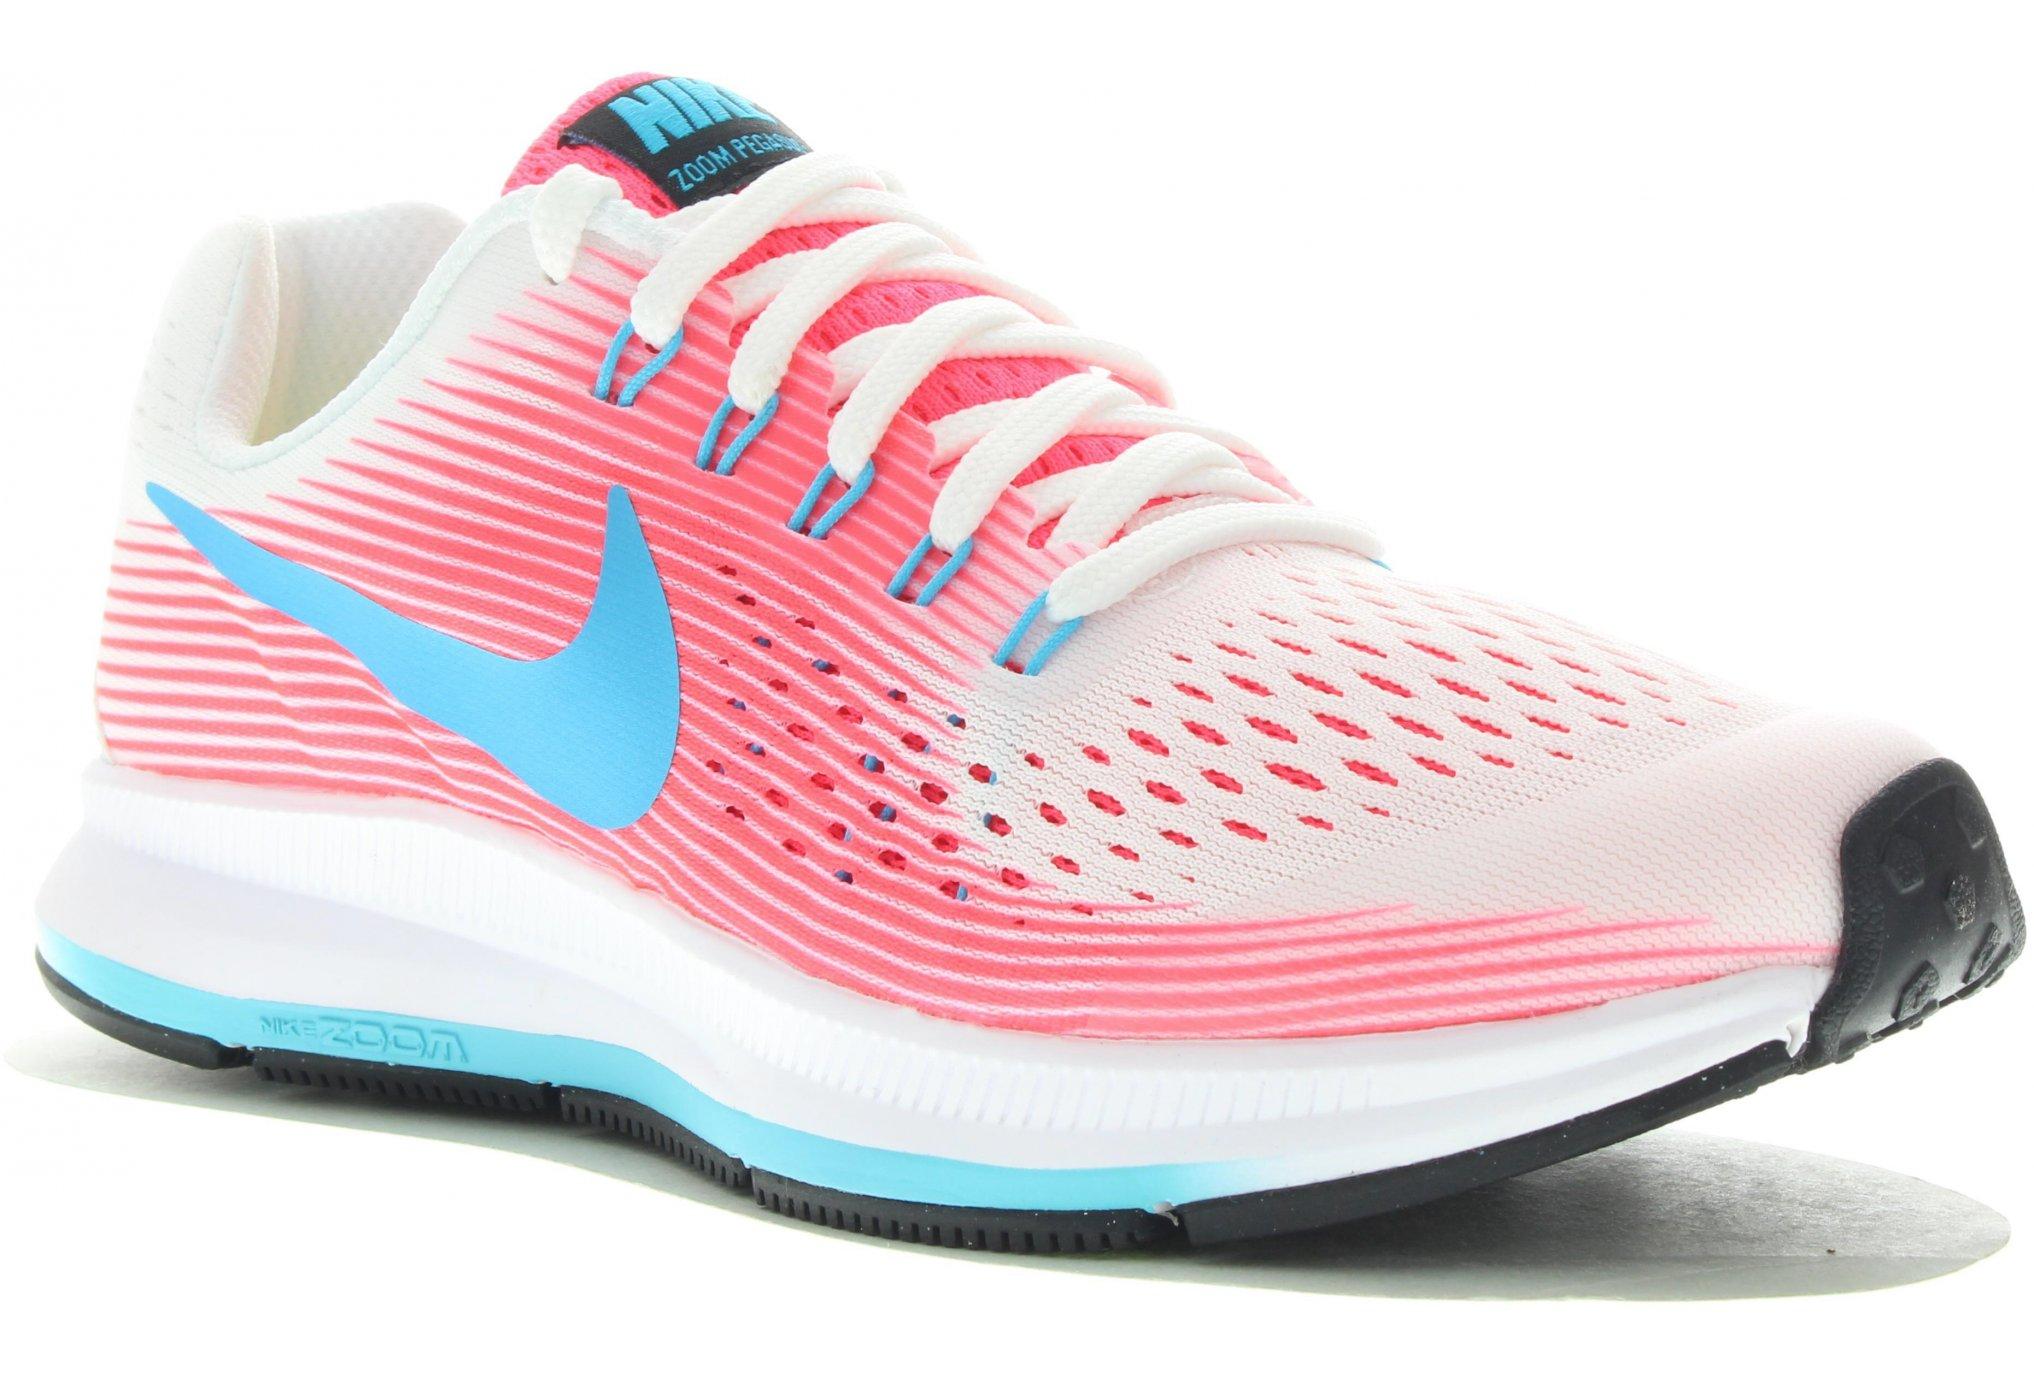 separation shoes 490de 74347 Nike Air Zoom Pegasus 34